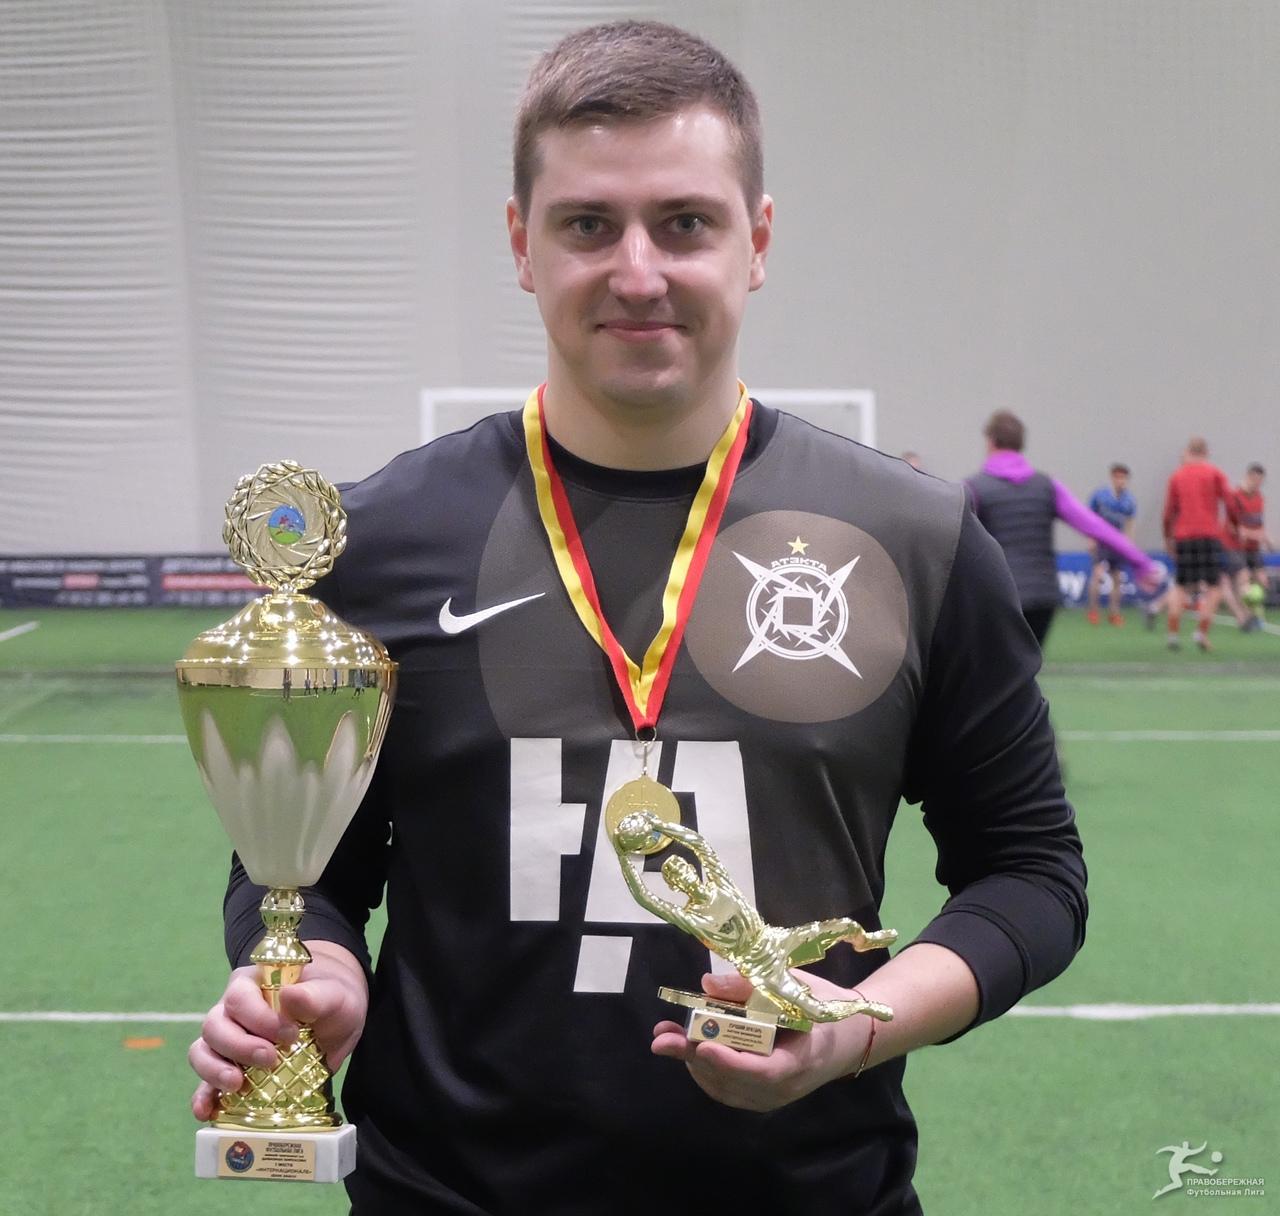 Антон Безверхий («Интернационале») — лучший вратарь дивизион Хирхасова.